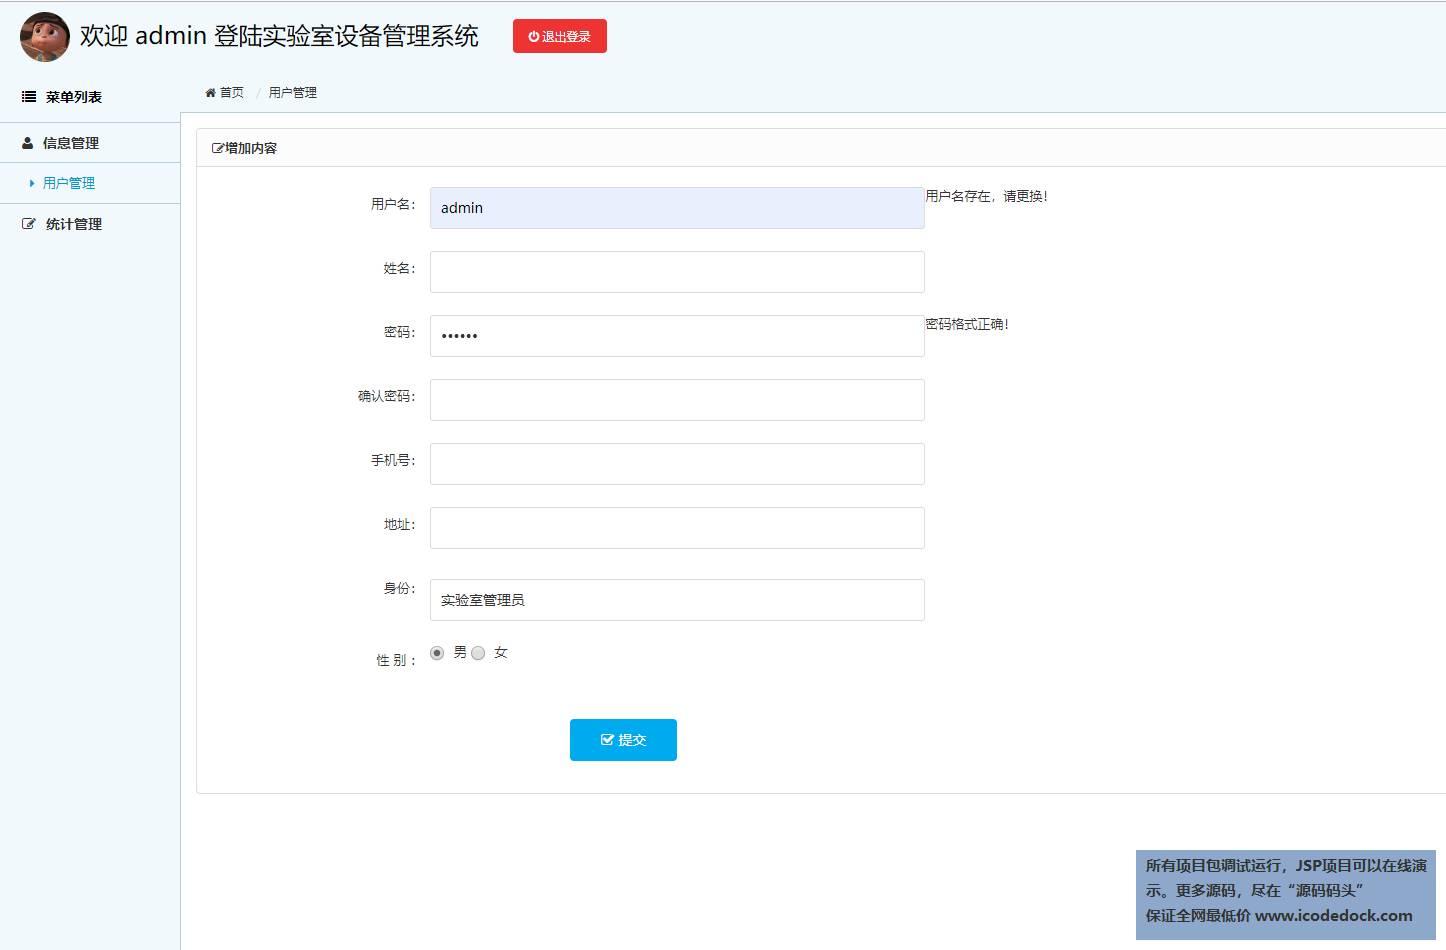 源码码头-SSM实验室设备管理-管理员角色-添加用户